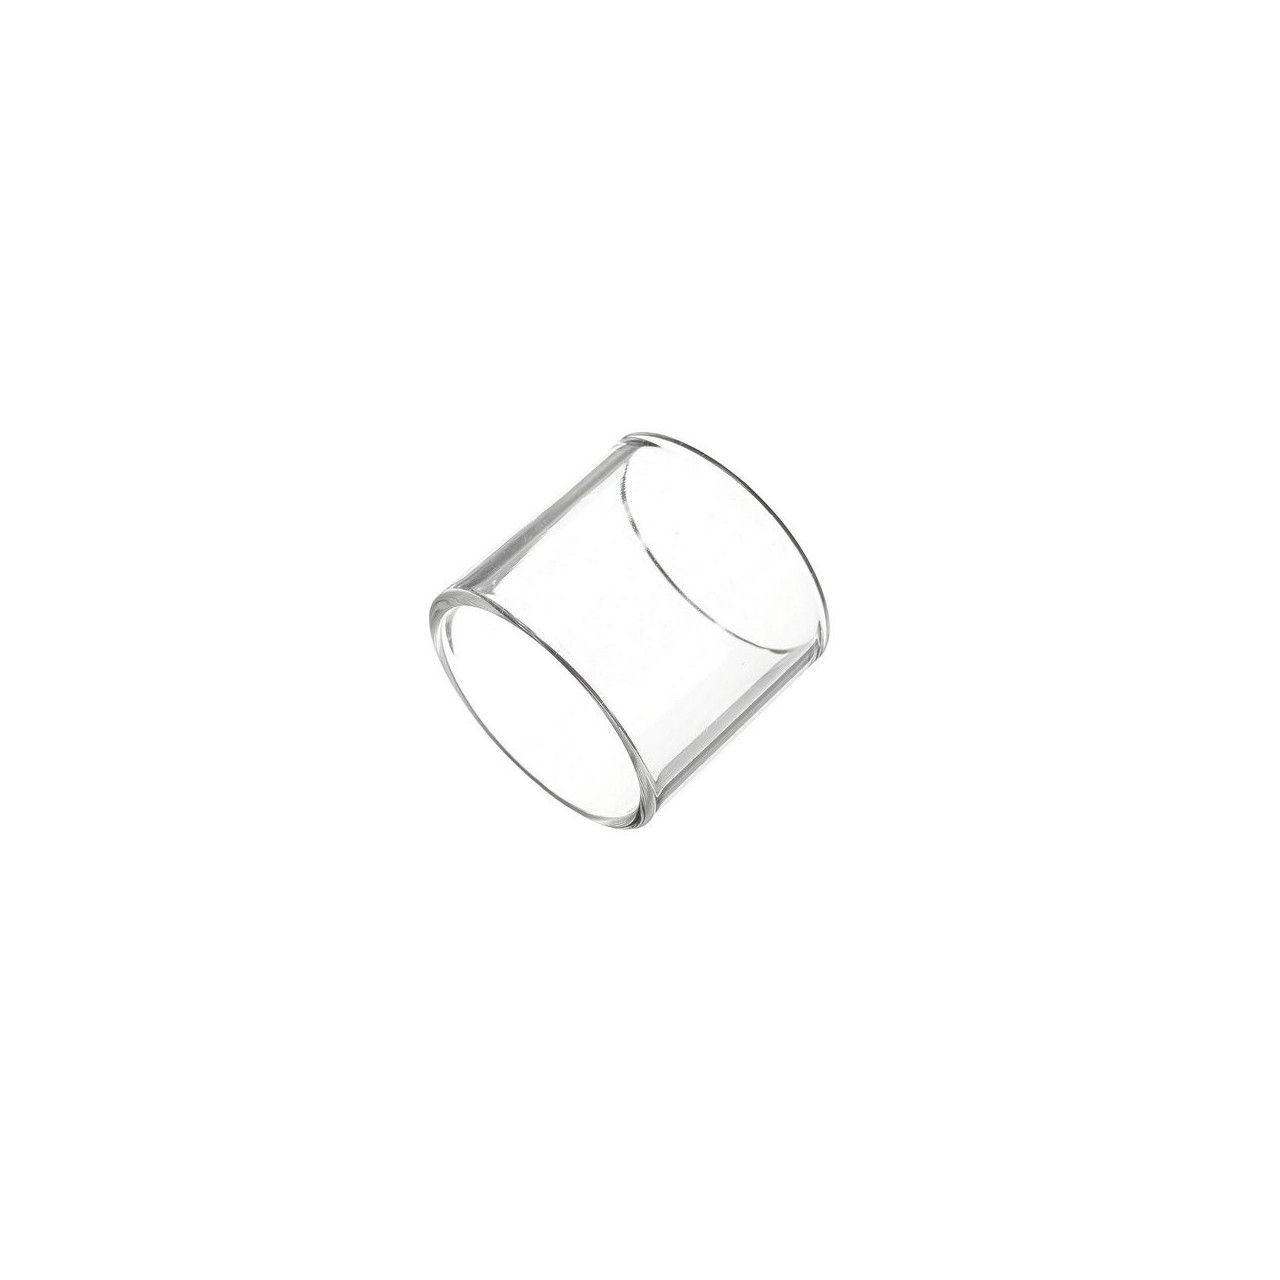 Vidro Vaporesso SKRR S Mini - Luxe Nano